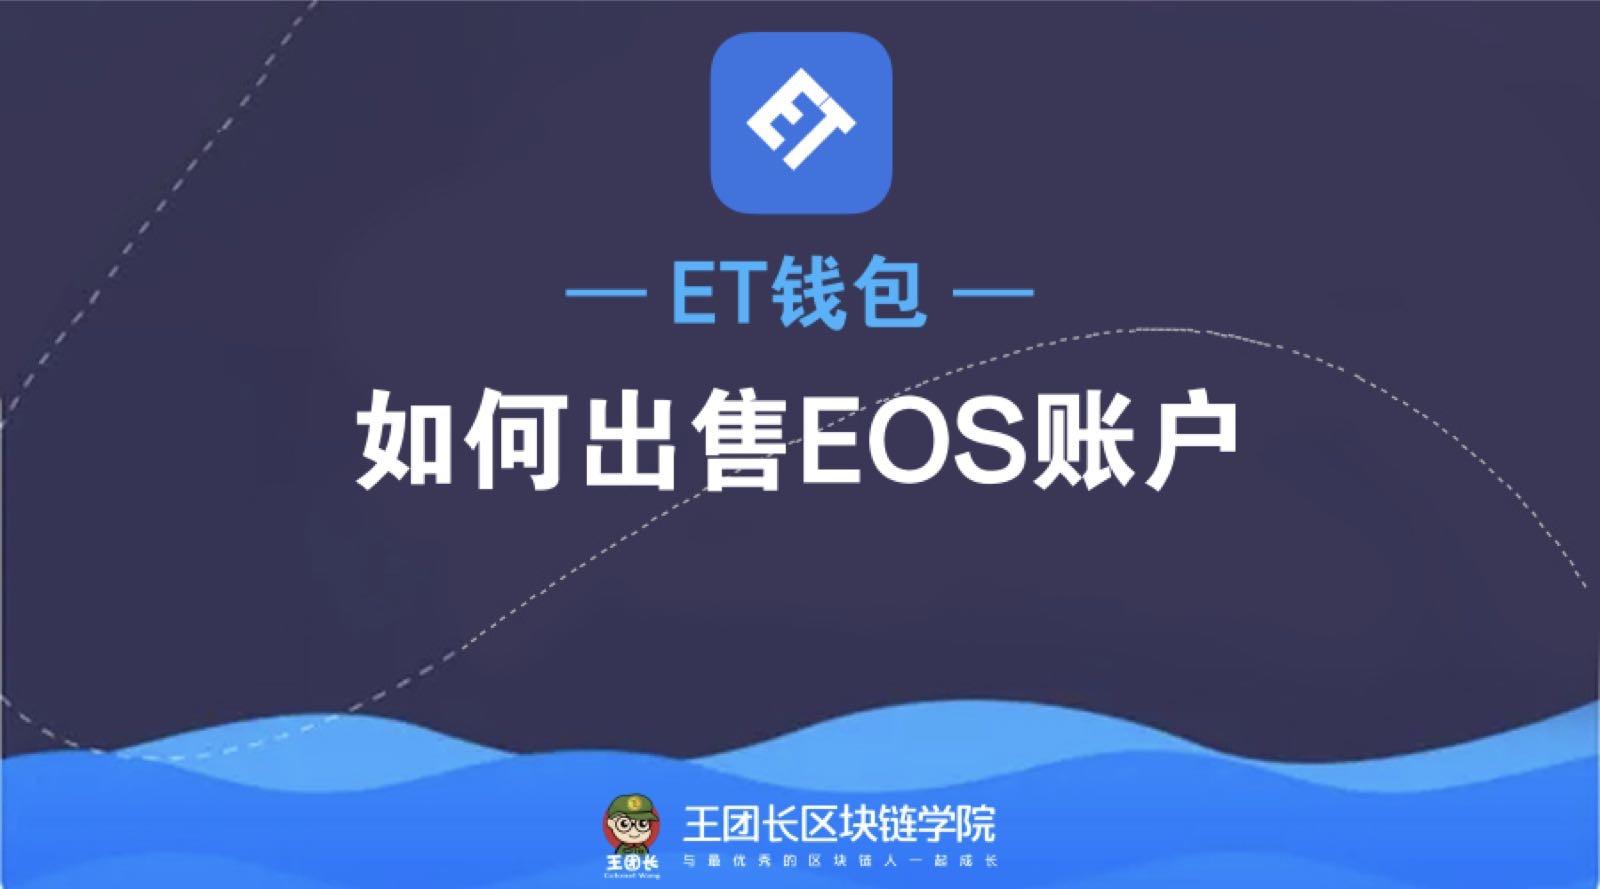 如何出售EOS账户